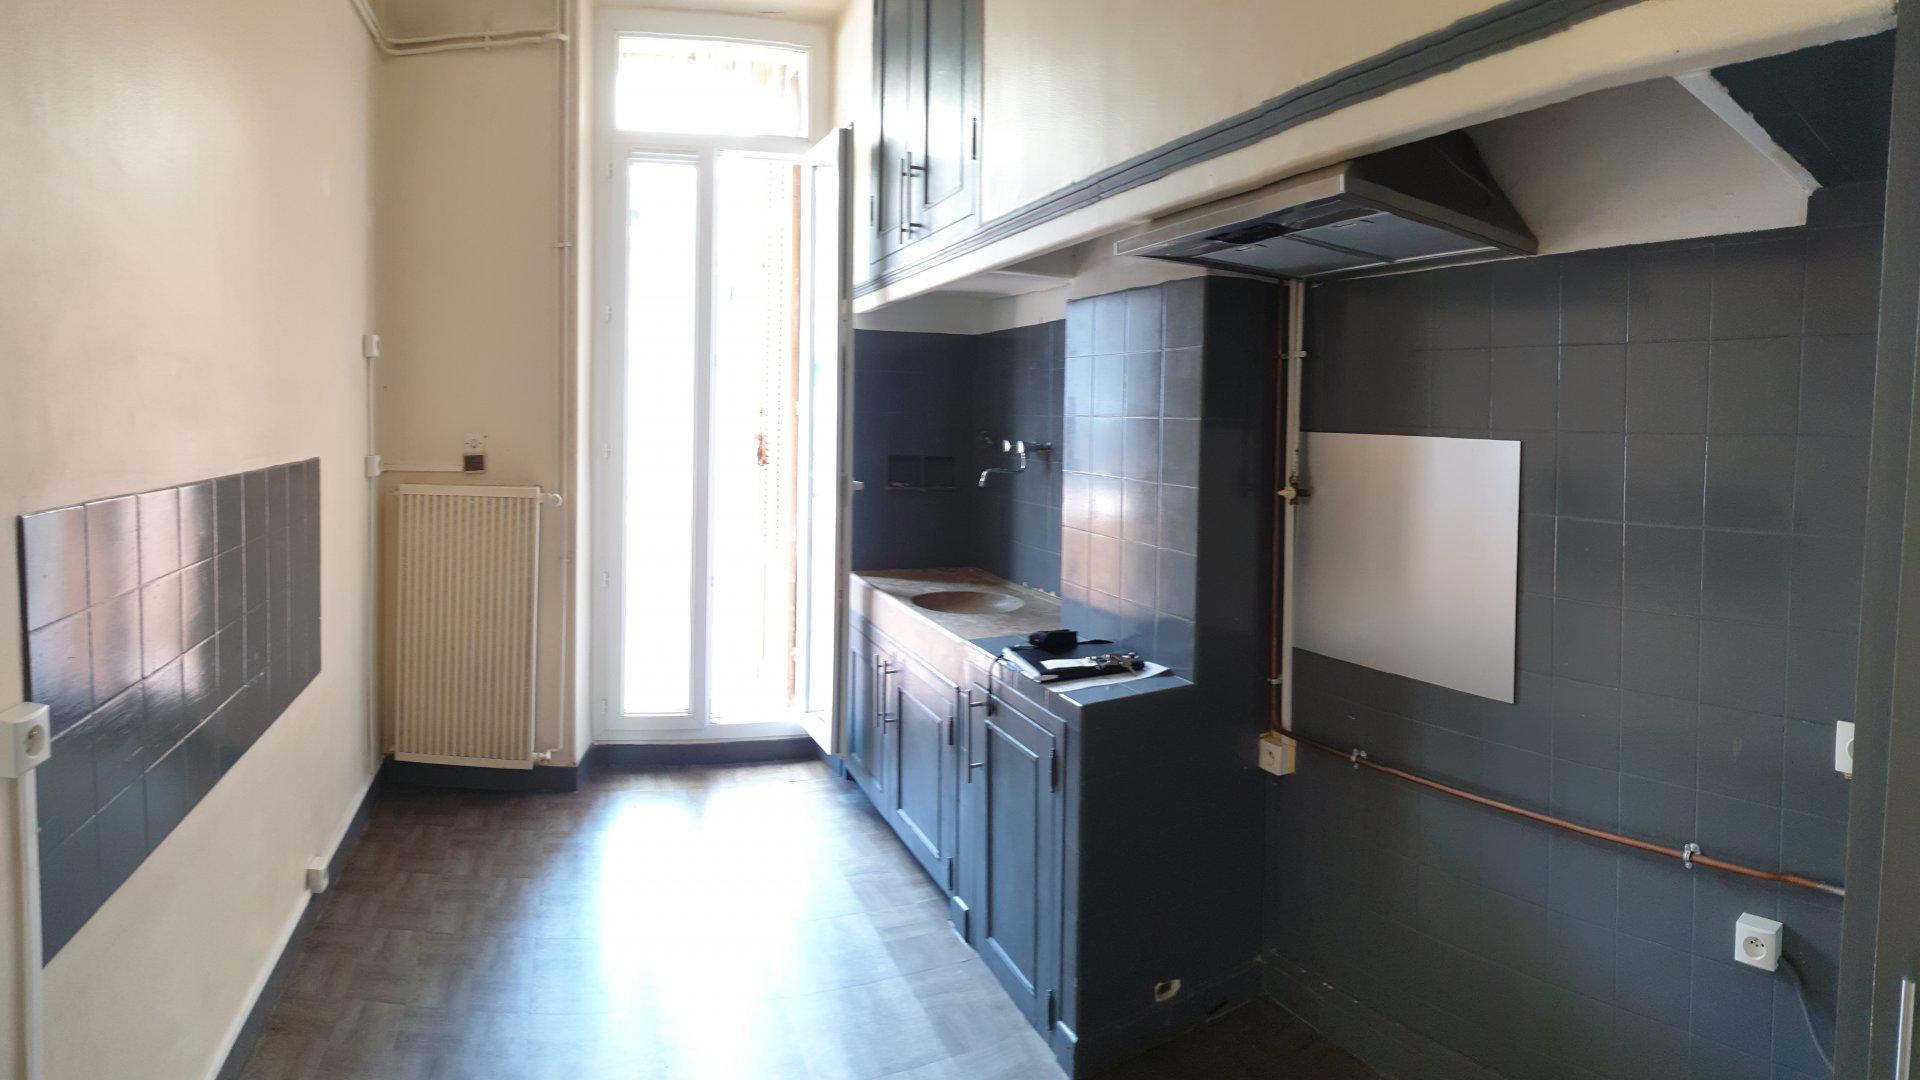 T2 - Chaves / rue Jaubert